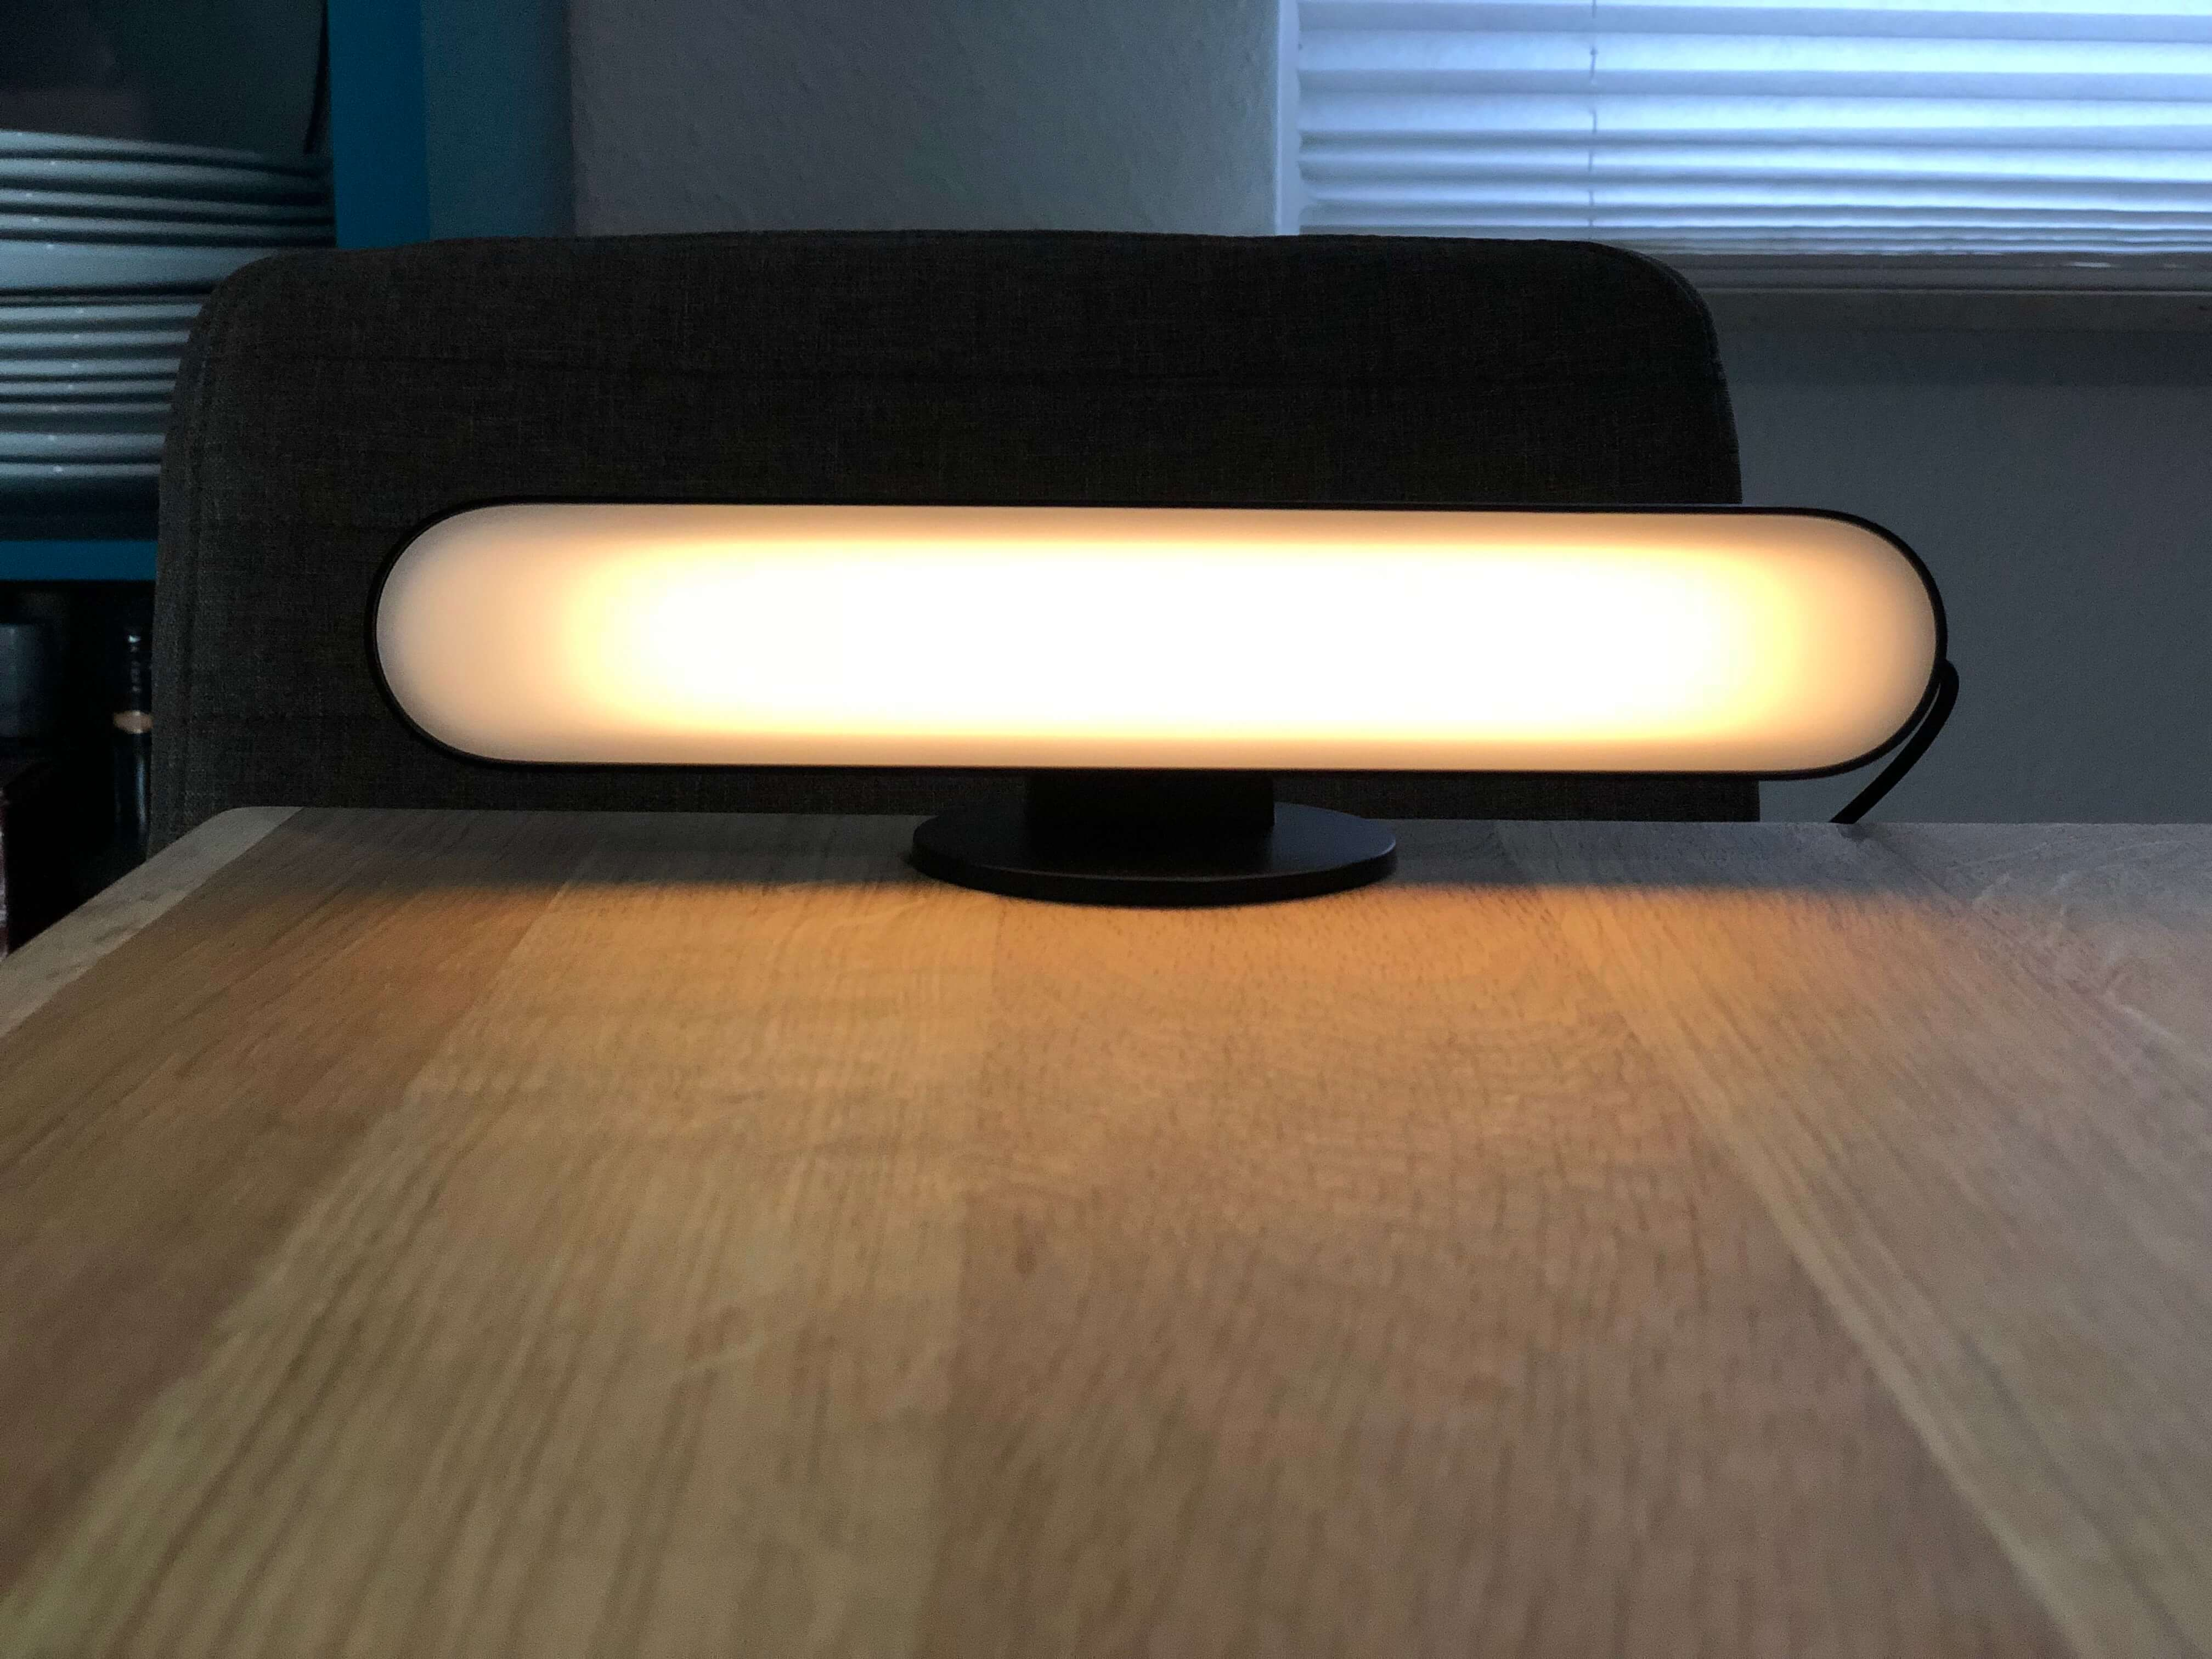 Philips Hue Play Lightbar im Test: leider geil, aber ein wenig nutzlos 16